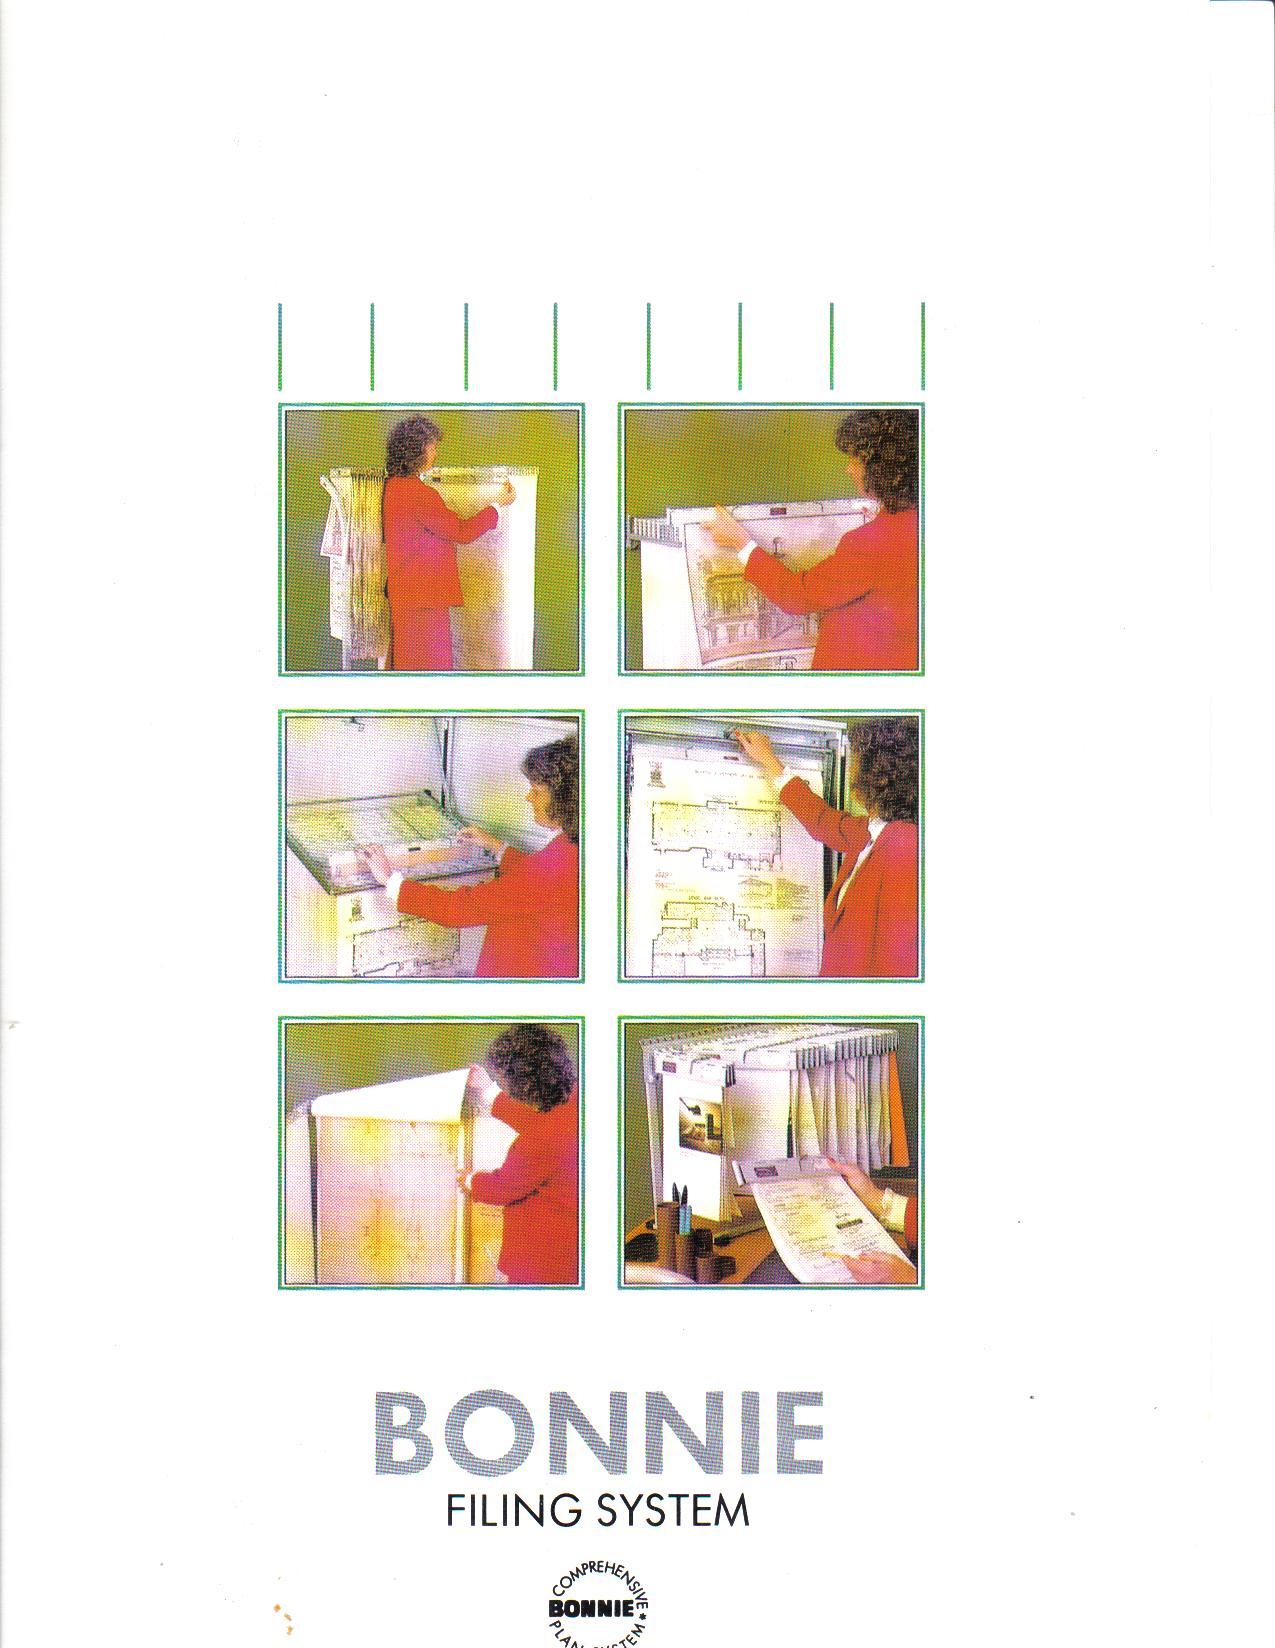 BONNIE COMPREHENCIVE PLANFILING SYSTEM